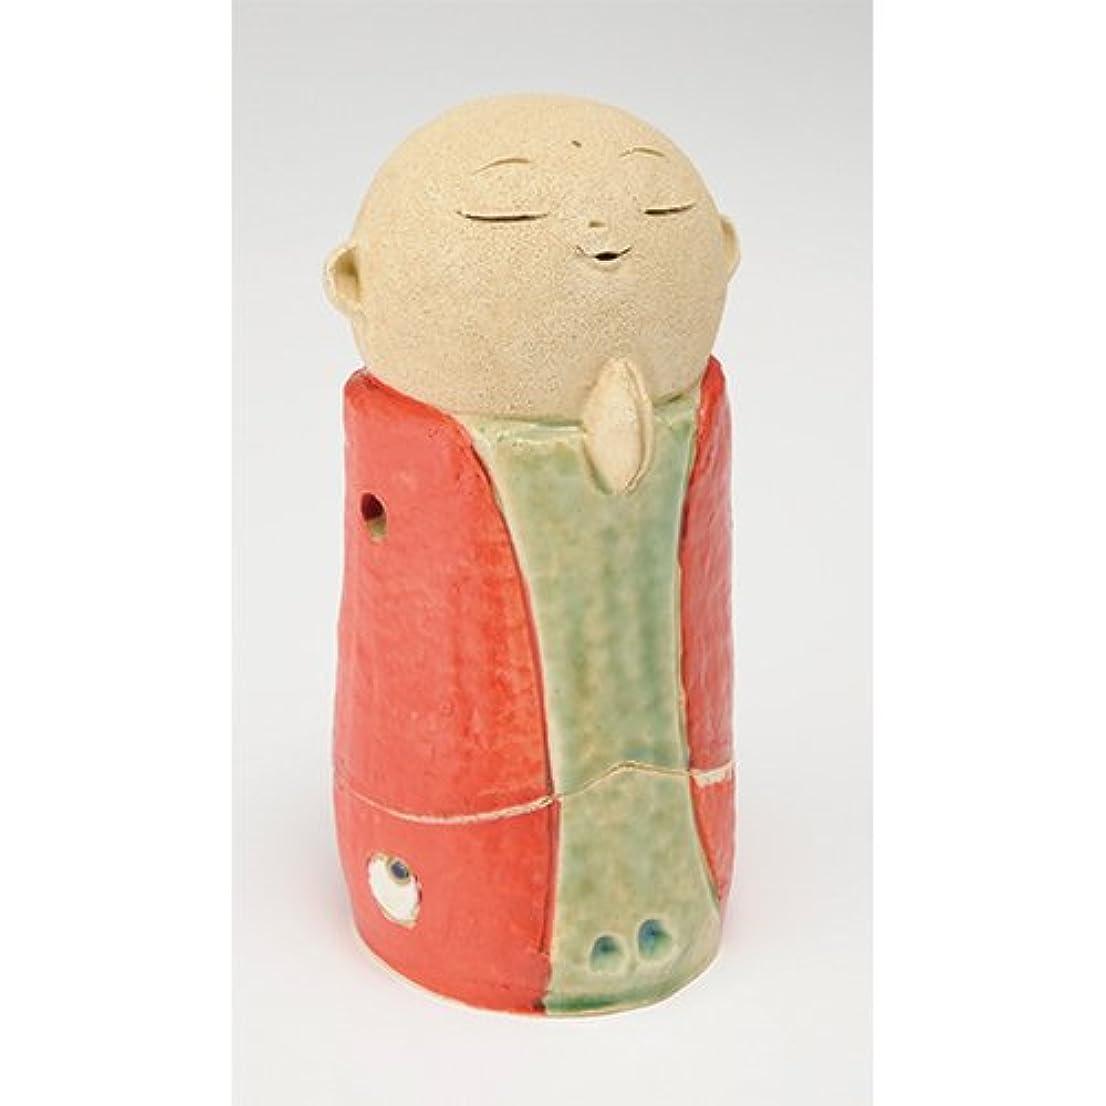 適格策定する悪化させるお地蔵様 香炉シリーズ 赤 お地蔵様 香炉 5.3寸(大) [H16cm] HANDMADE プレゼント ギフト 和食器 かわいい インテリア